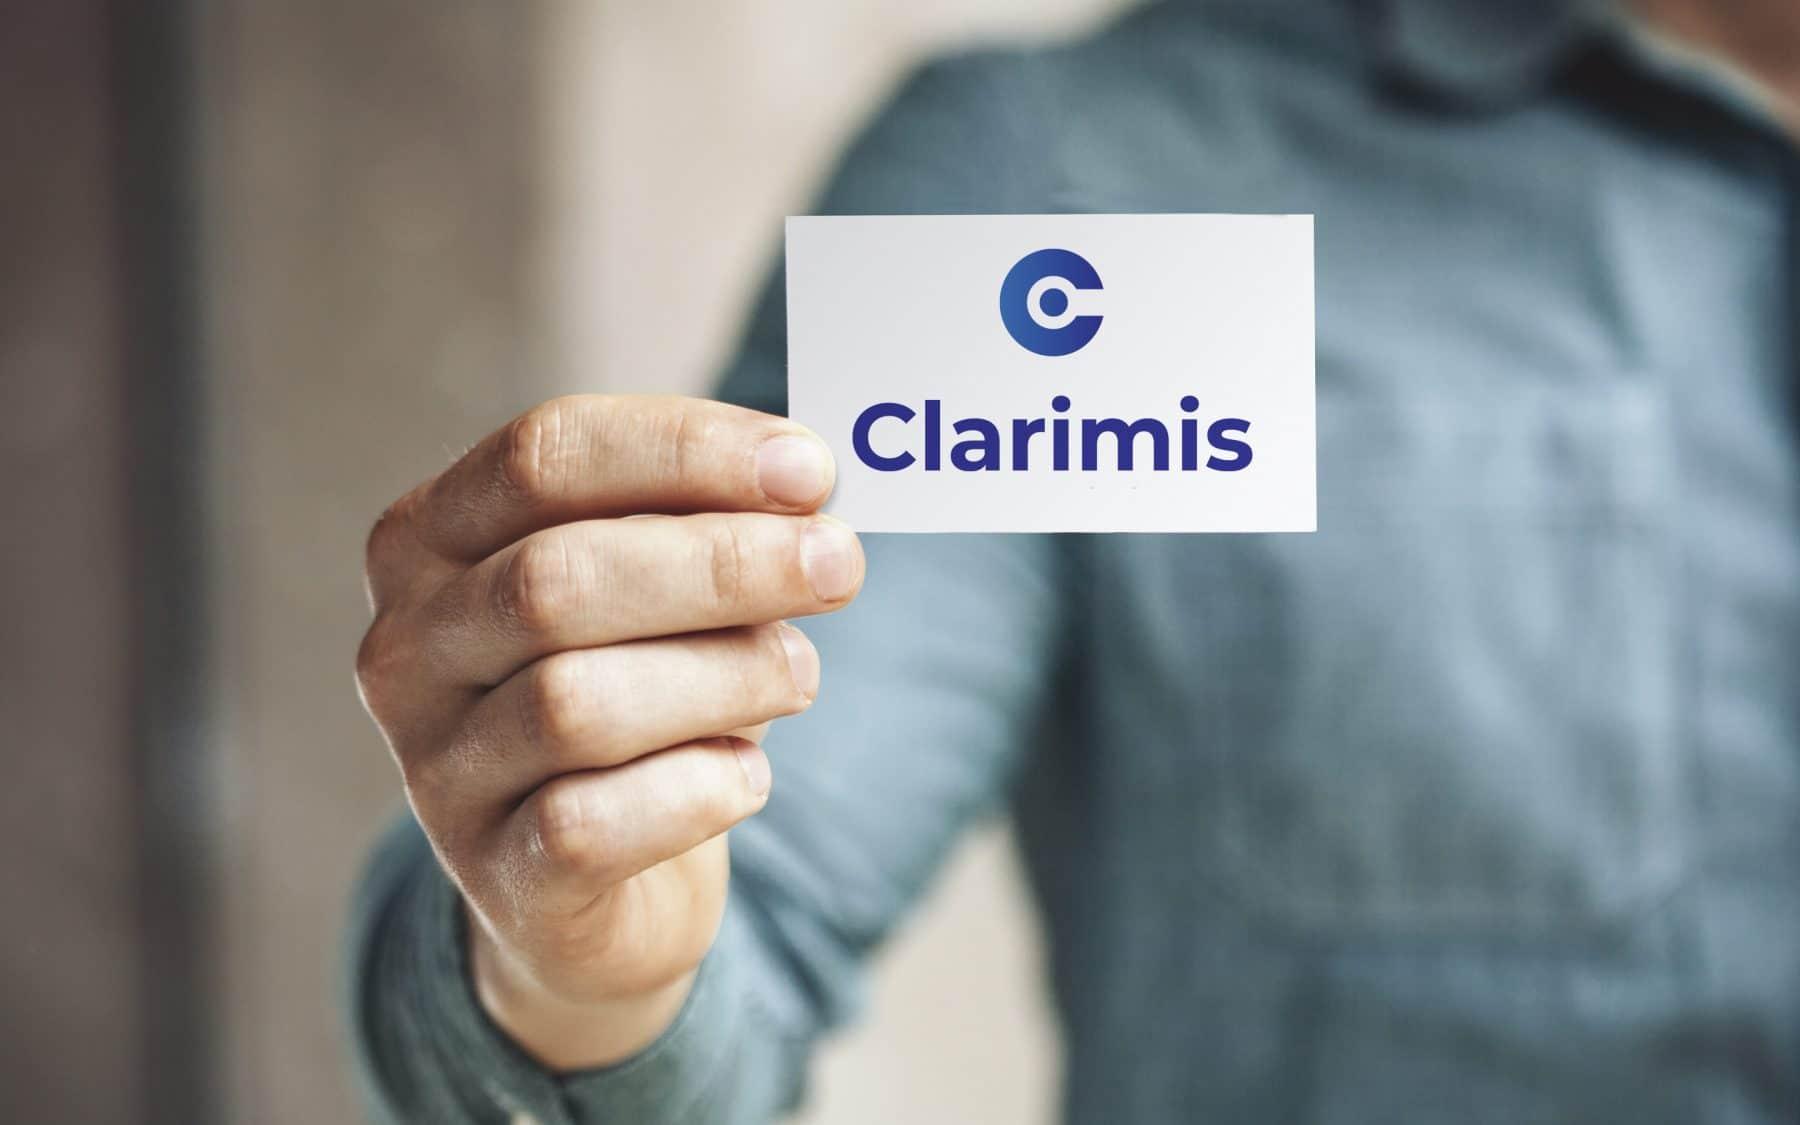 Clarimis